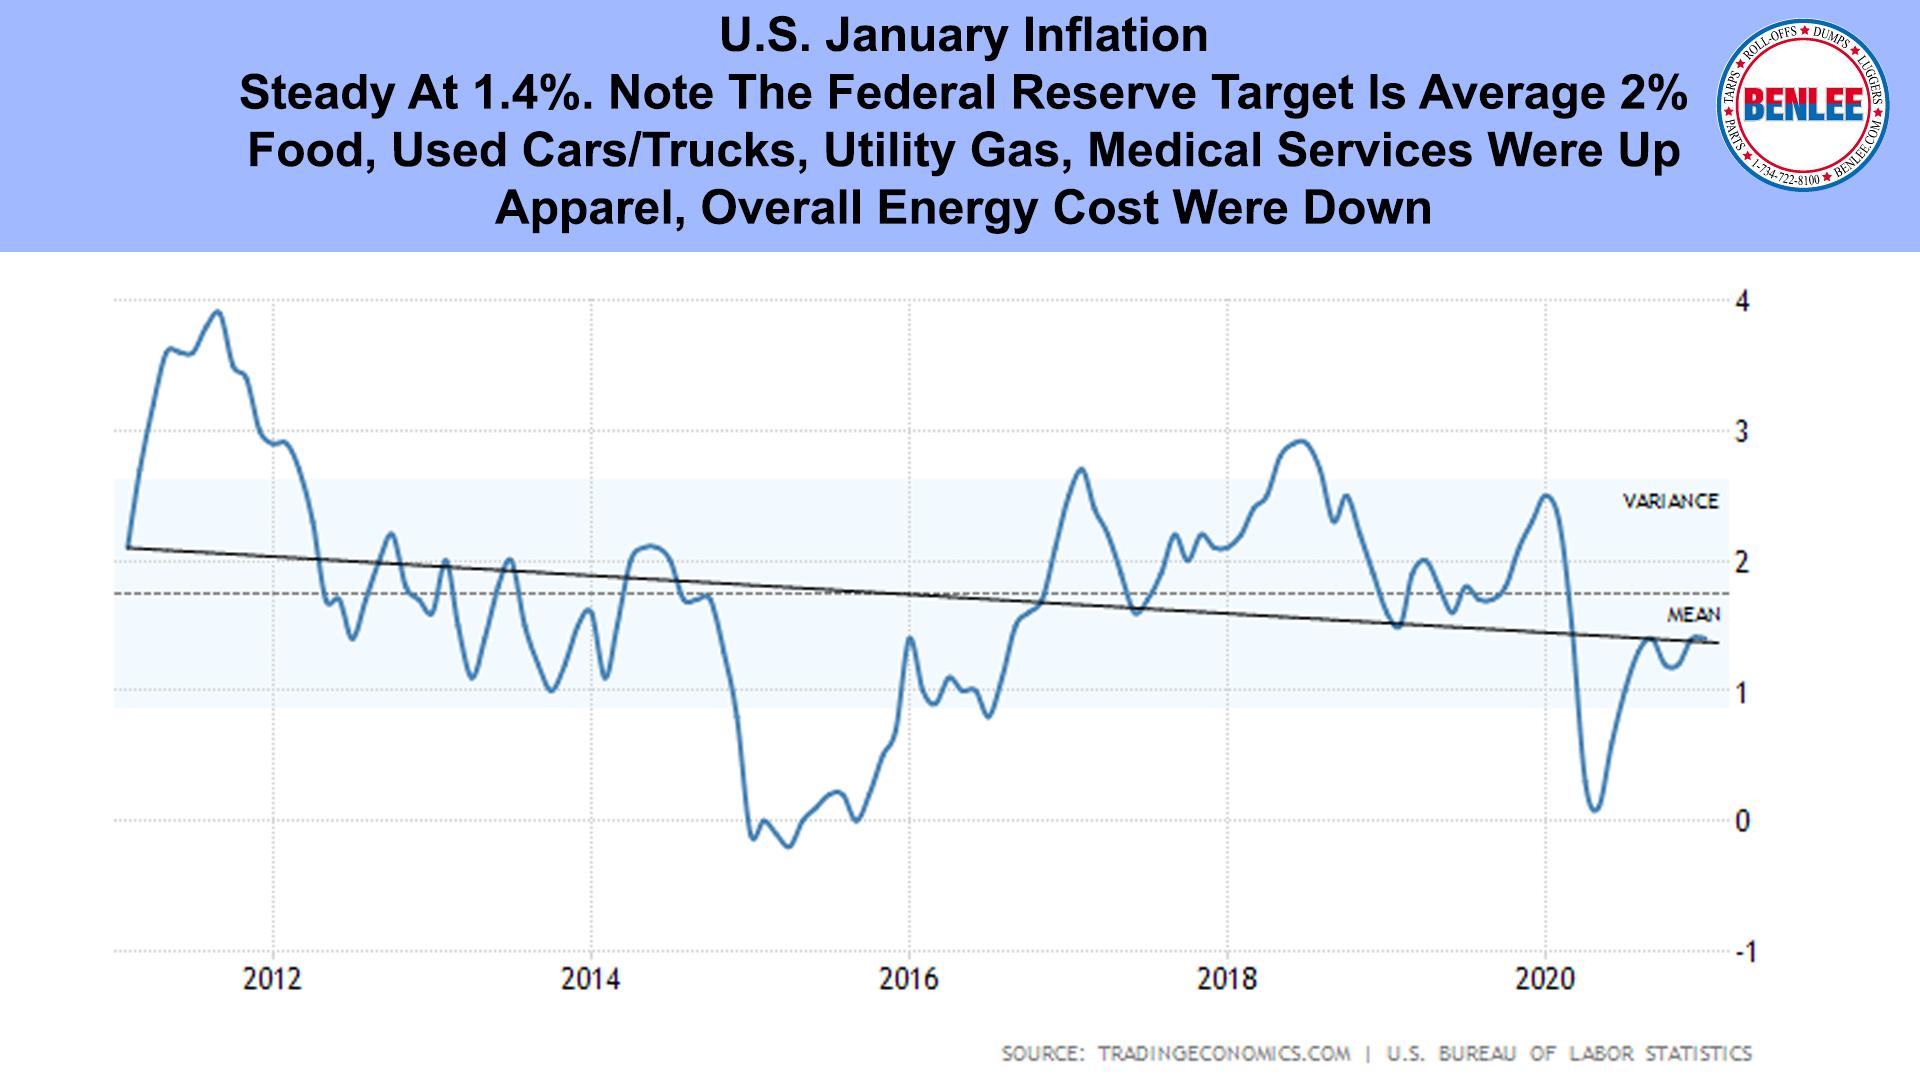 U.S. January Inflation